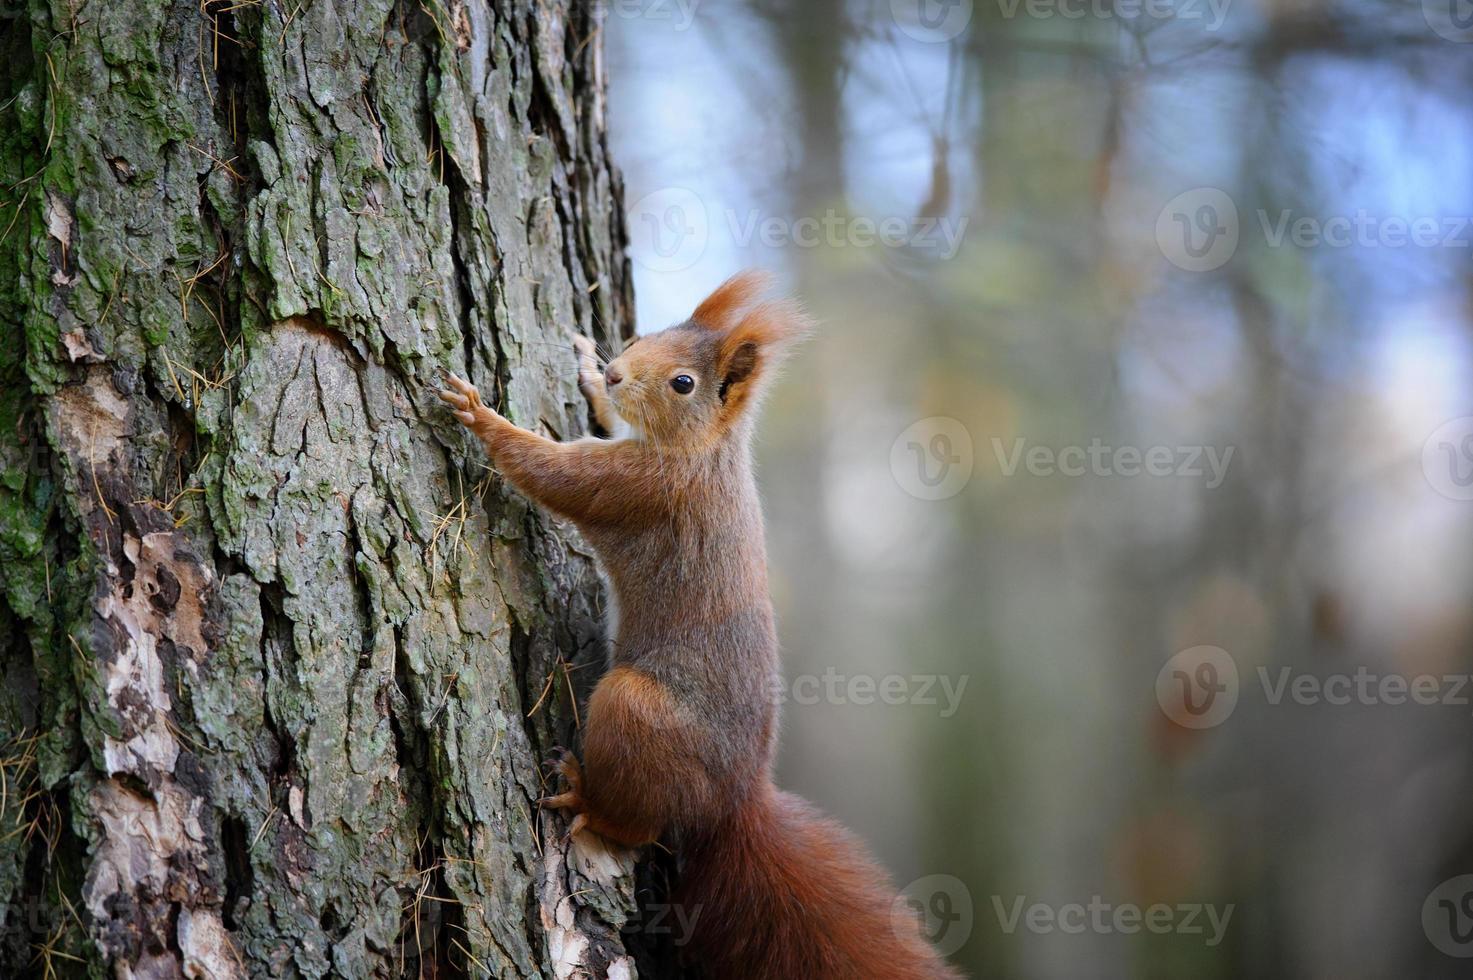 écureuil roux mignon grimpant sur l'écorce du tronc d'arbre photo